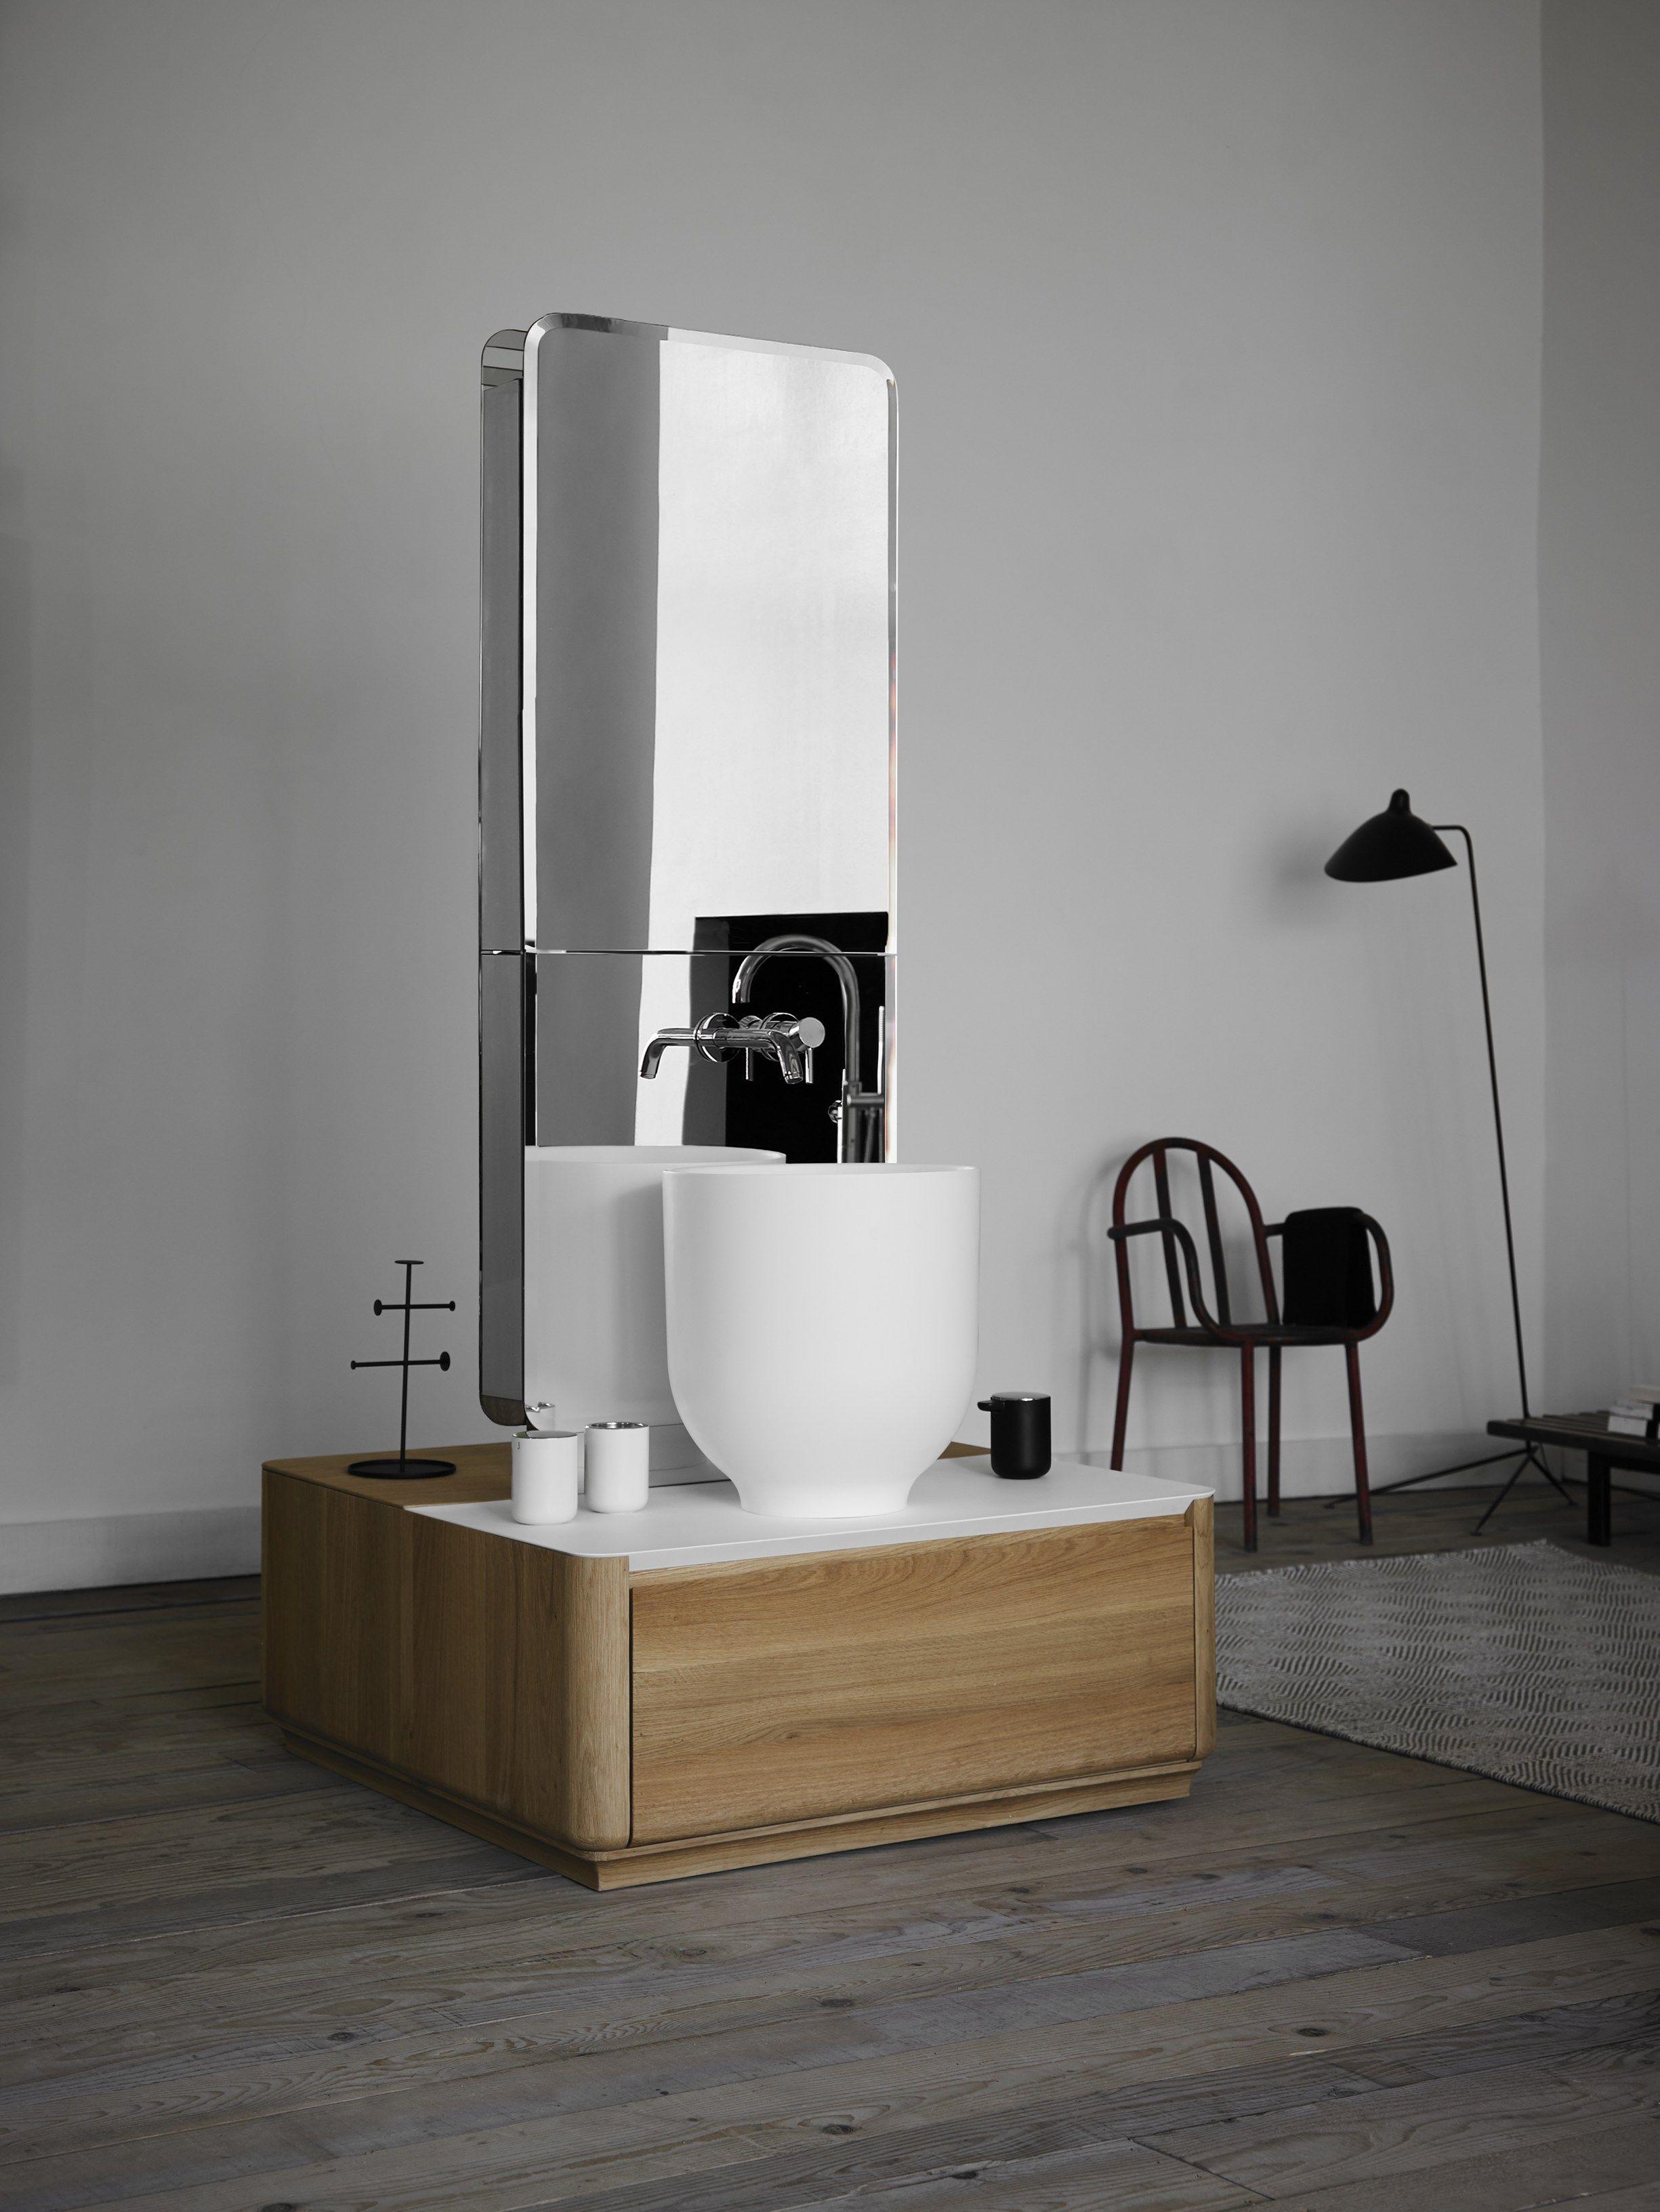 ORIGIN Specchio per bagno by INBANI design Seung-Yong Song